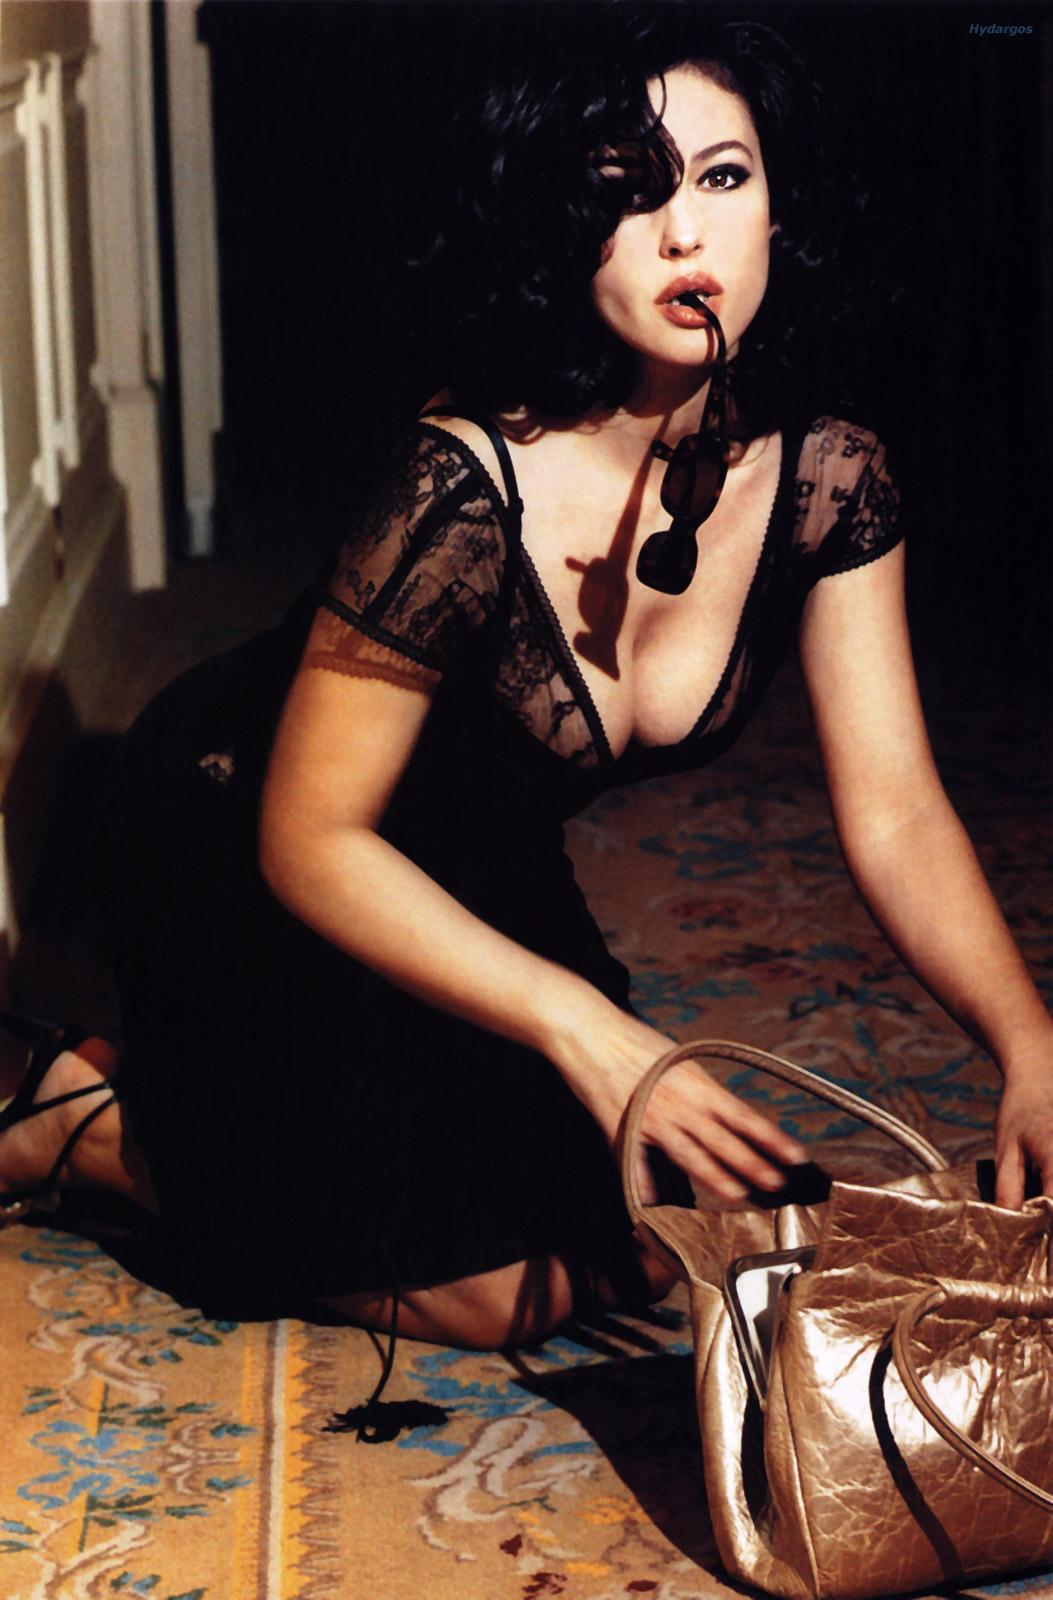 Моника Беллуччи - Monica Bellucci фото 54655.